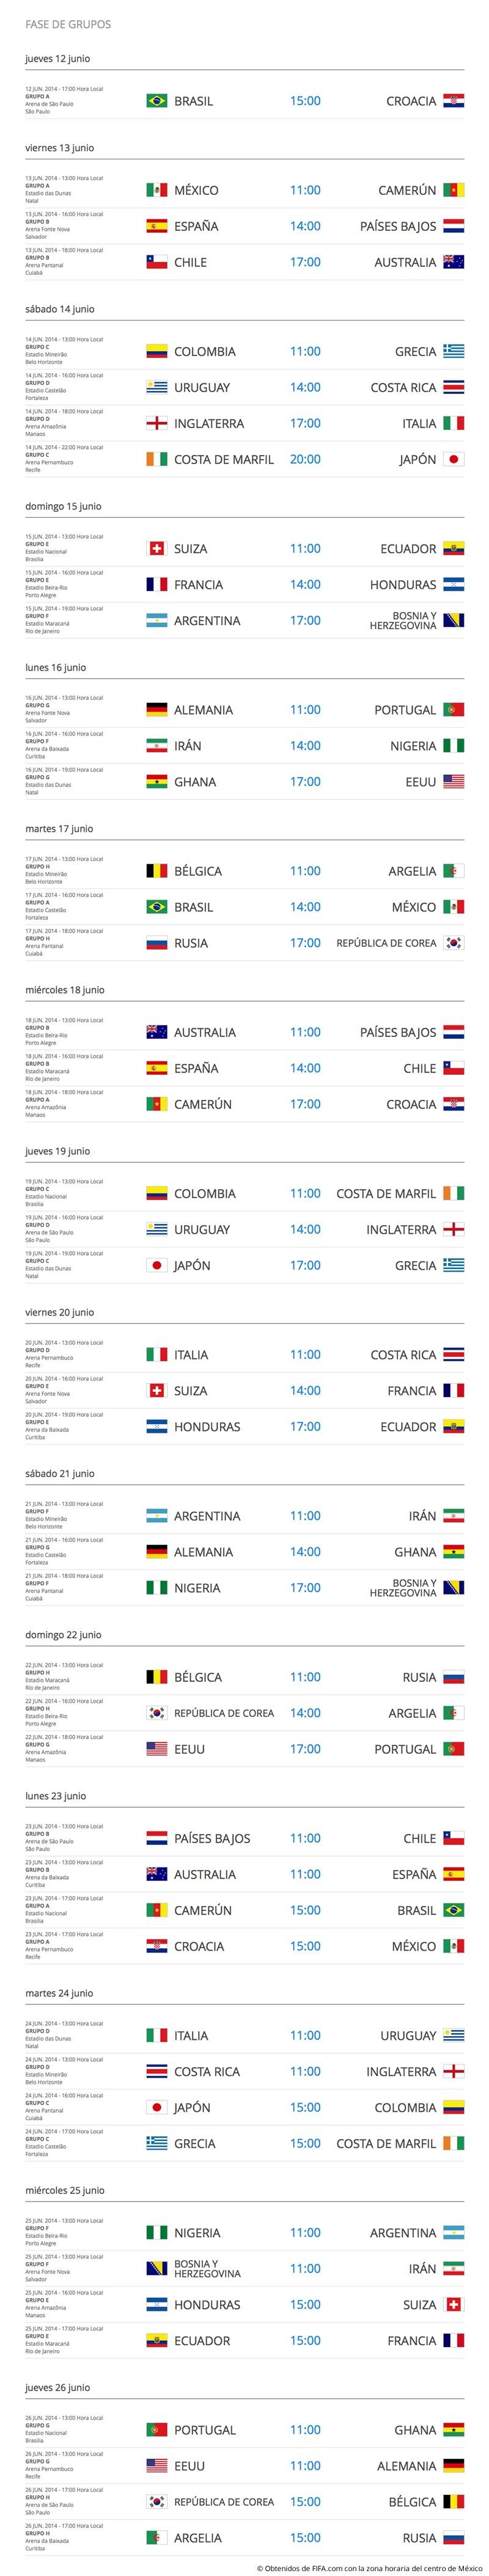 calendario mundial brasil 2014 descargar Descarga el calendario del Mundial 2014 (Fase de Grupos)